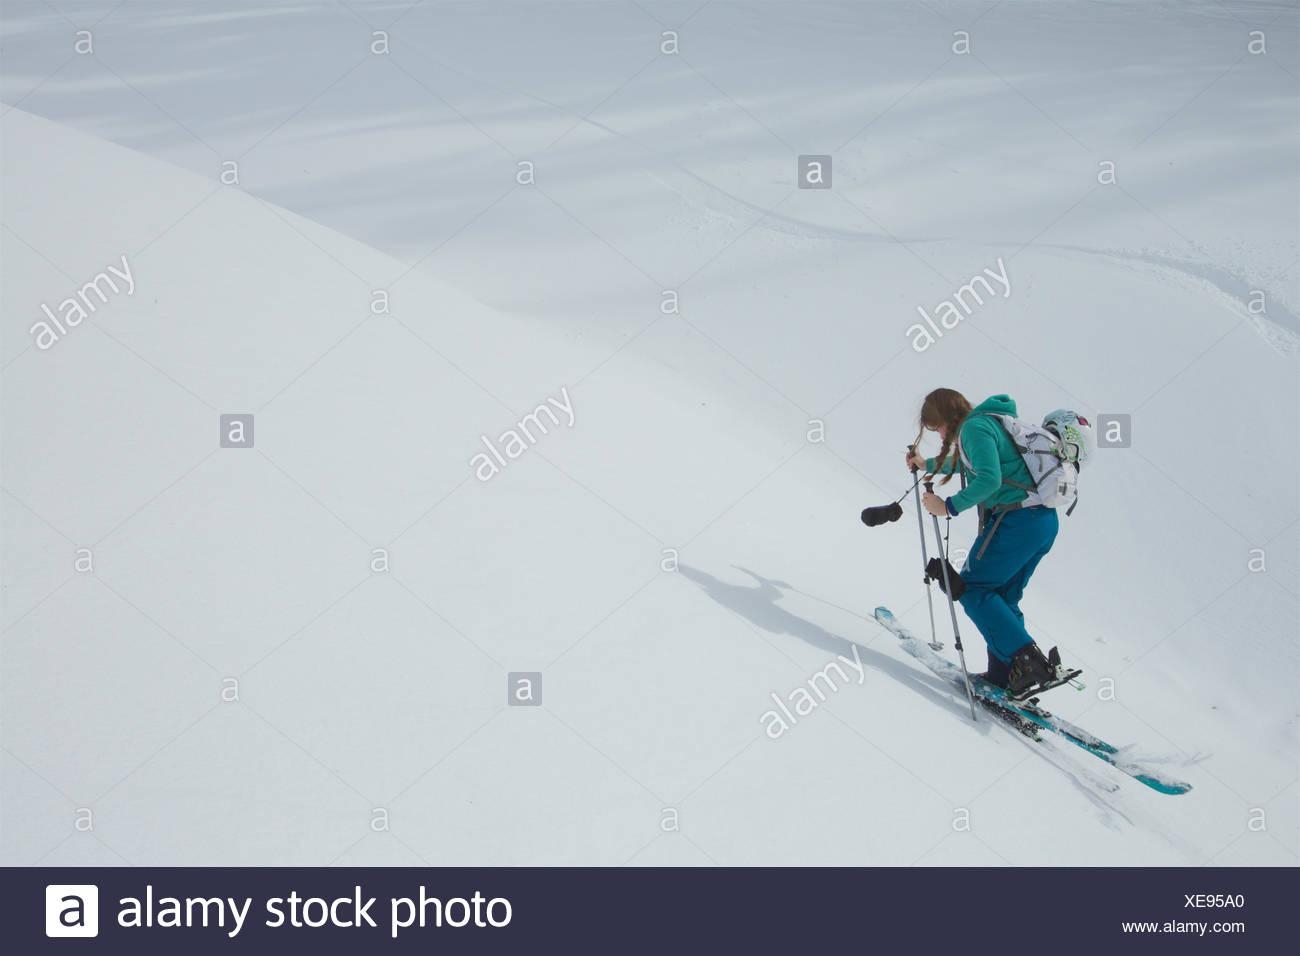 Jugendlich Mädchen Ski bergauf mit Skins auf Ihren Skiern. Stockbild